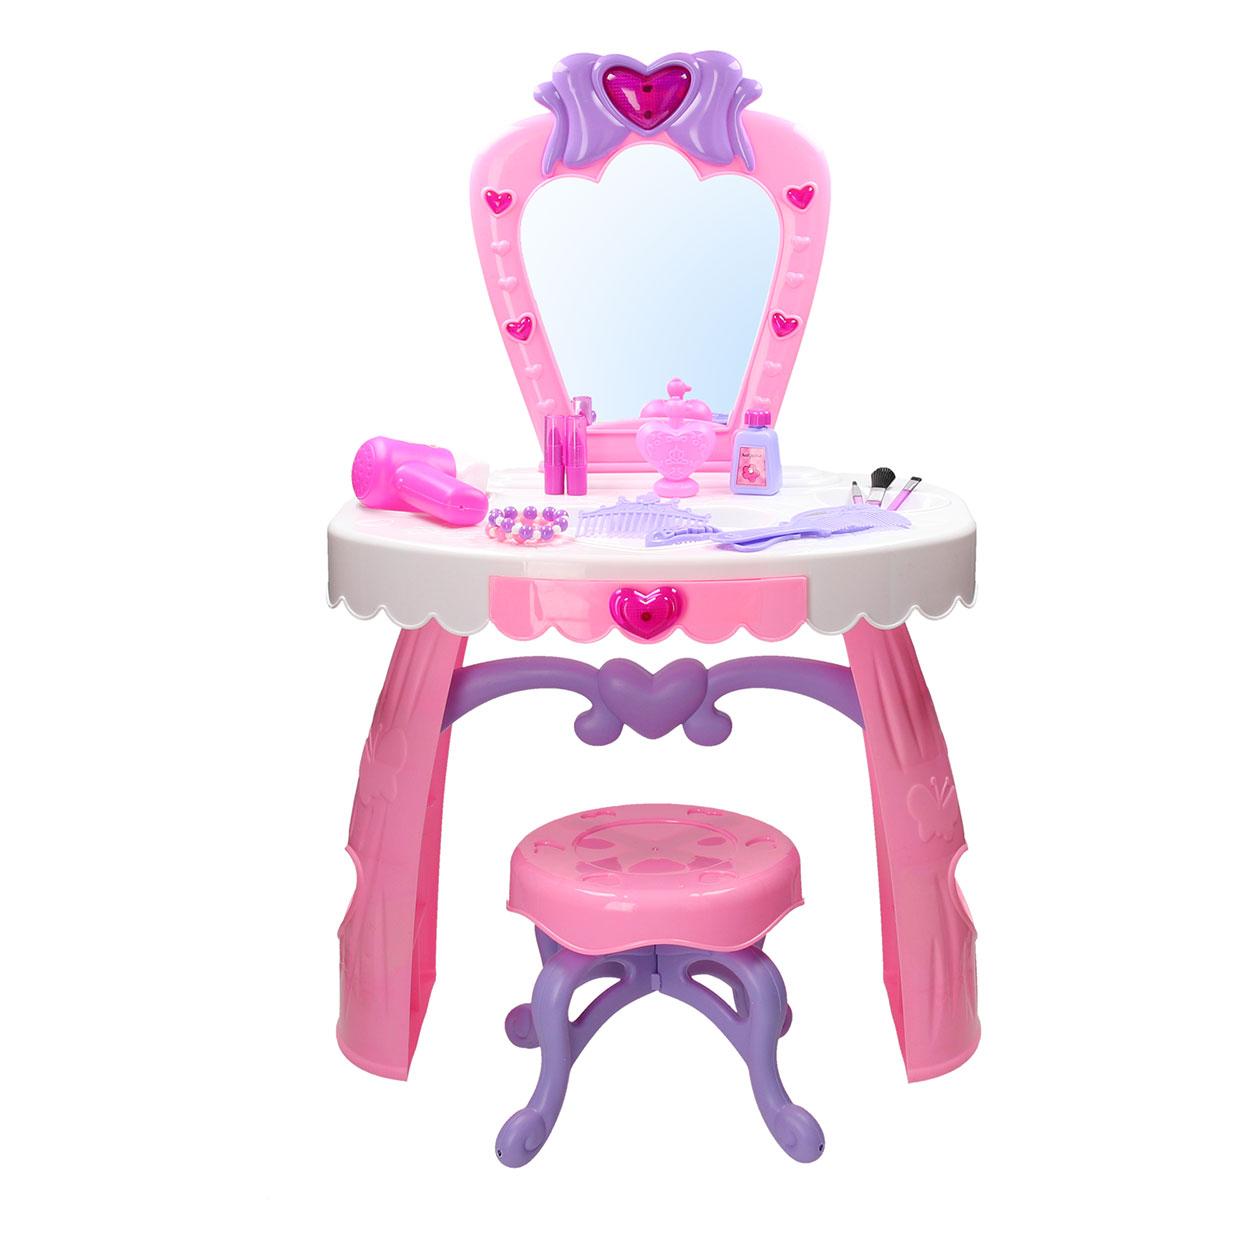 Fonkelnieuw Droom Kaptafel Licht & Geluid online kopen | Lobbes Speelgoed DX-88